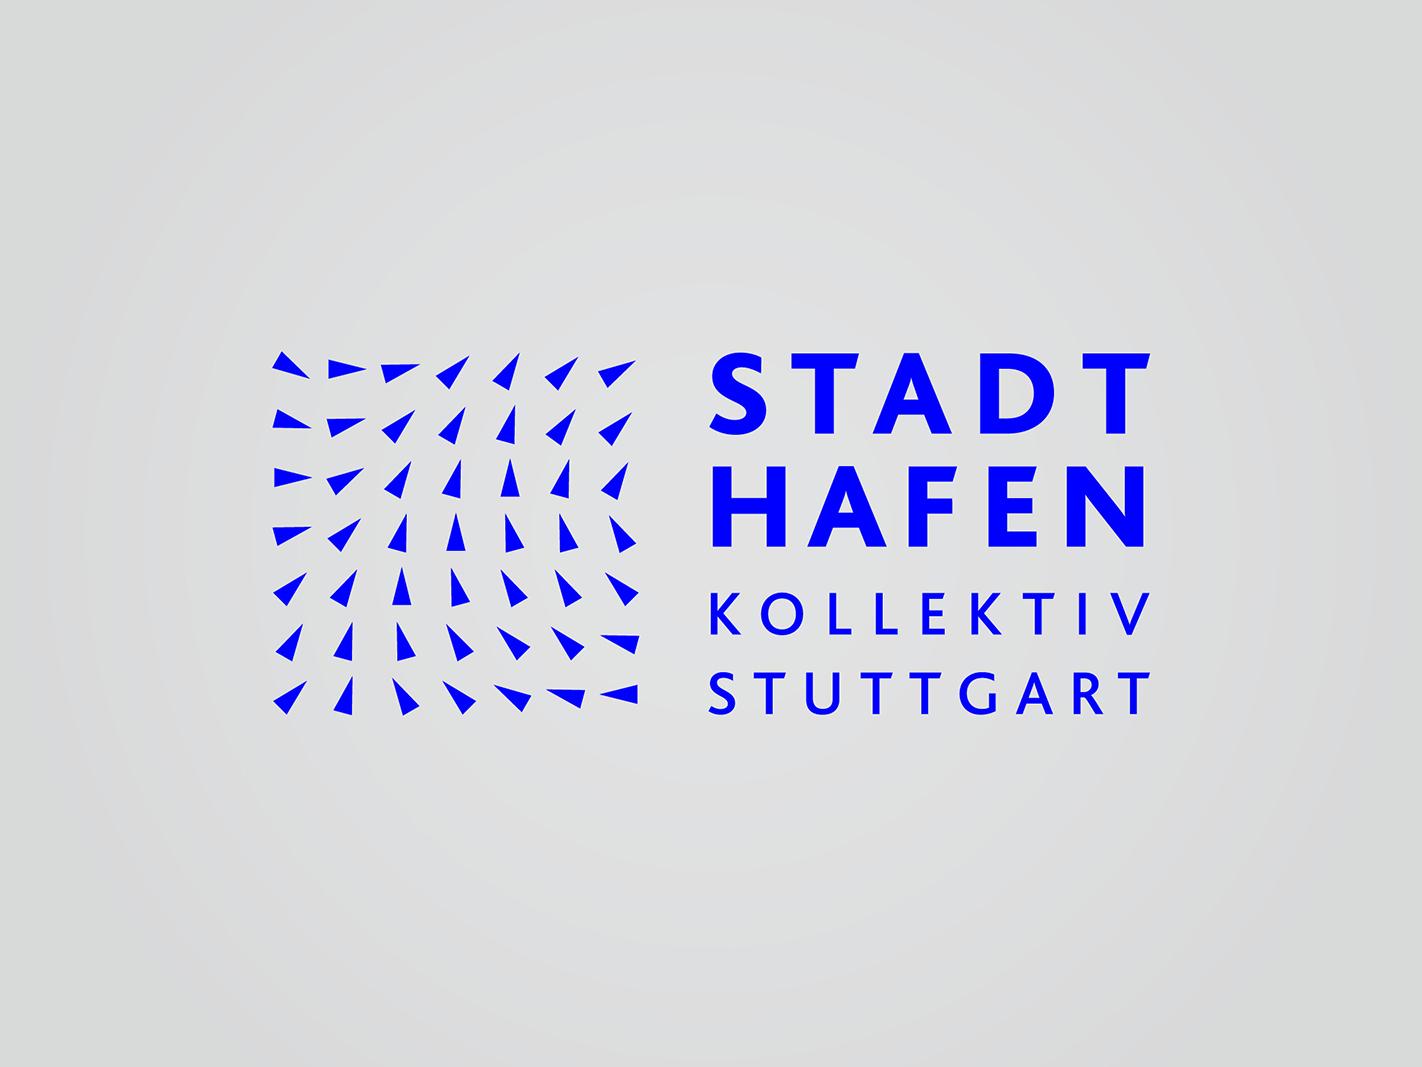 ATK-STADTHAFEN-Corporat-Design-1.jpg